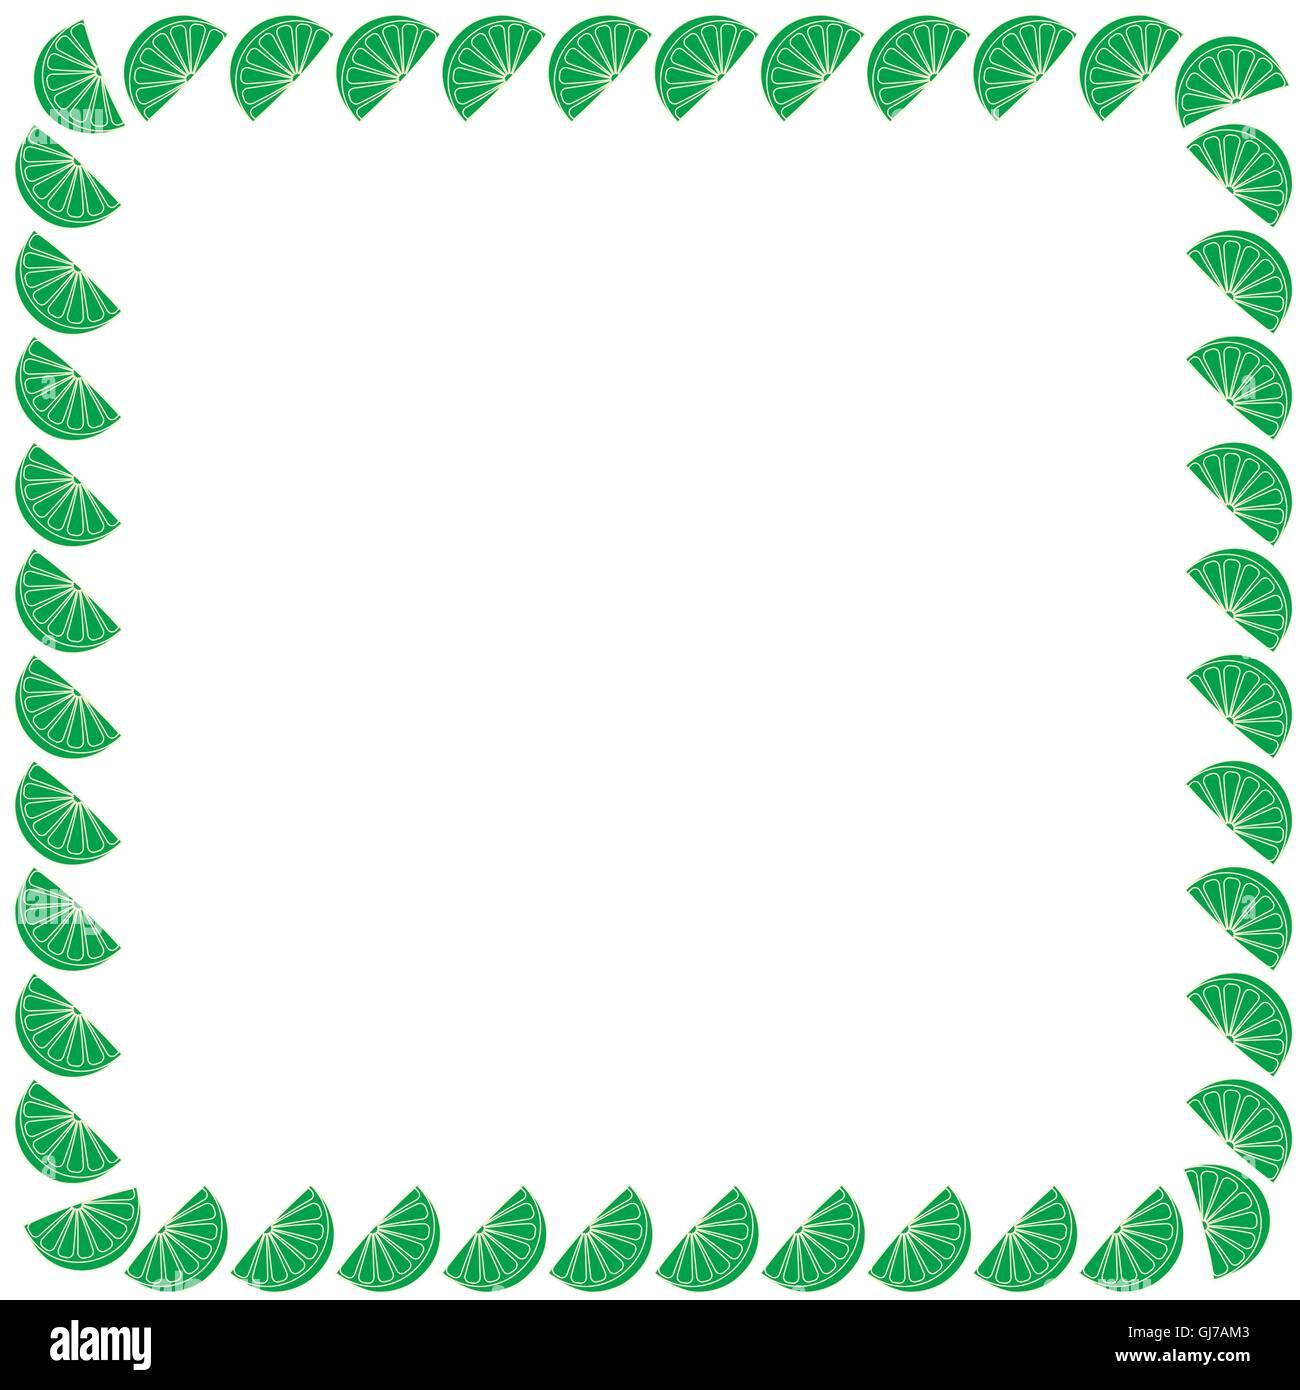 Niedlichen Rahmen aus Scheiben Orangen angeordnet in einem Quadrat auf weißem Grund Stockbild